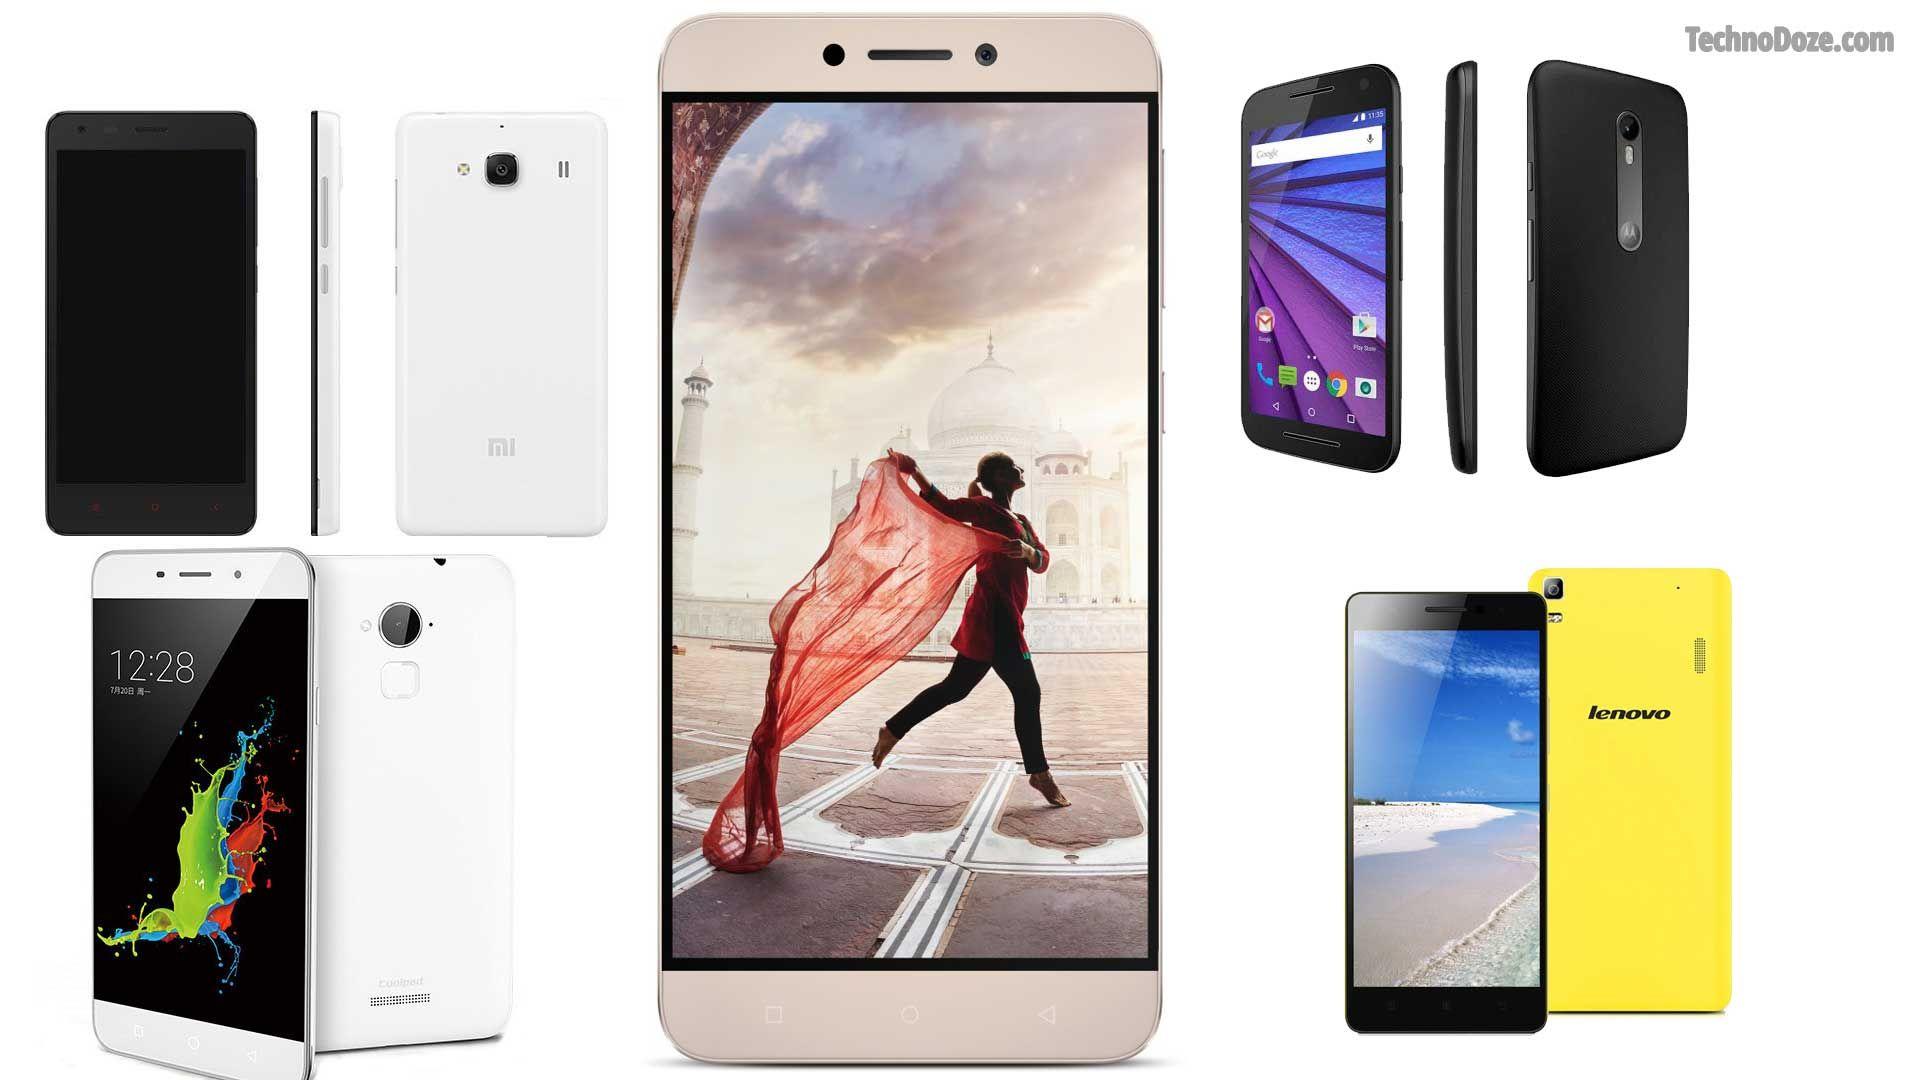 5 Smartphones Under 10000 RS in India 2016 Smartphone